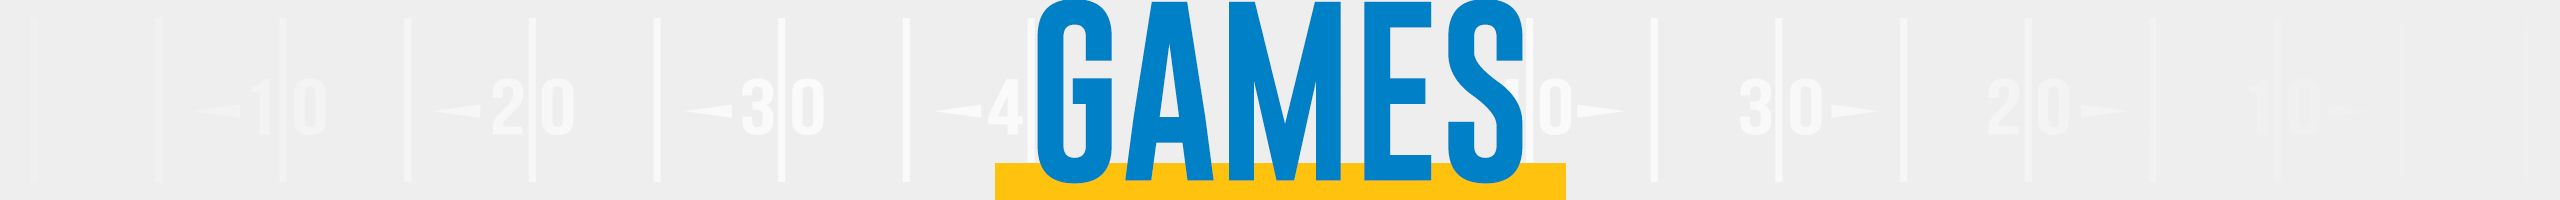 200911_Subway_Menu_Site_Promo_Games